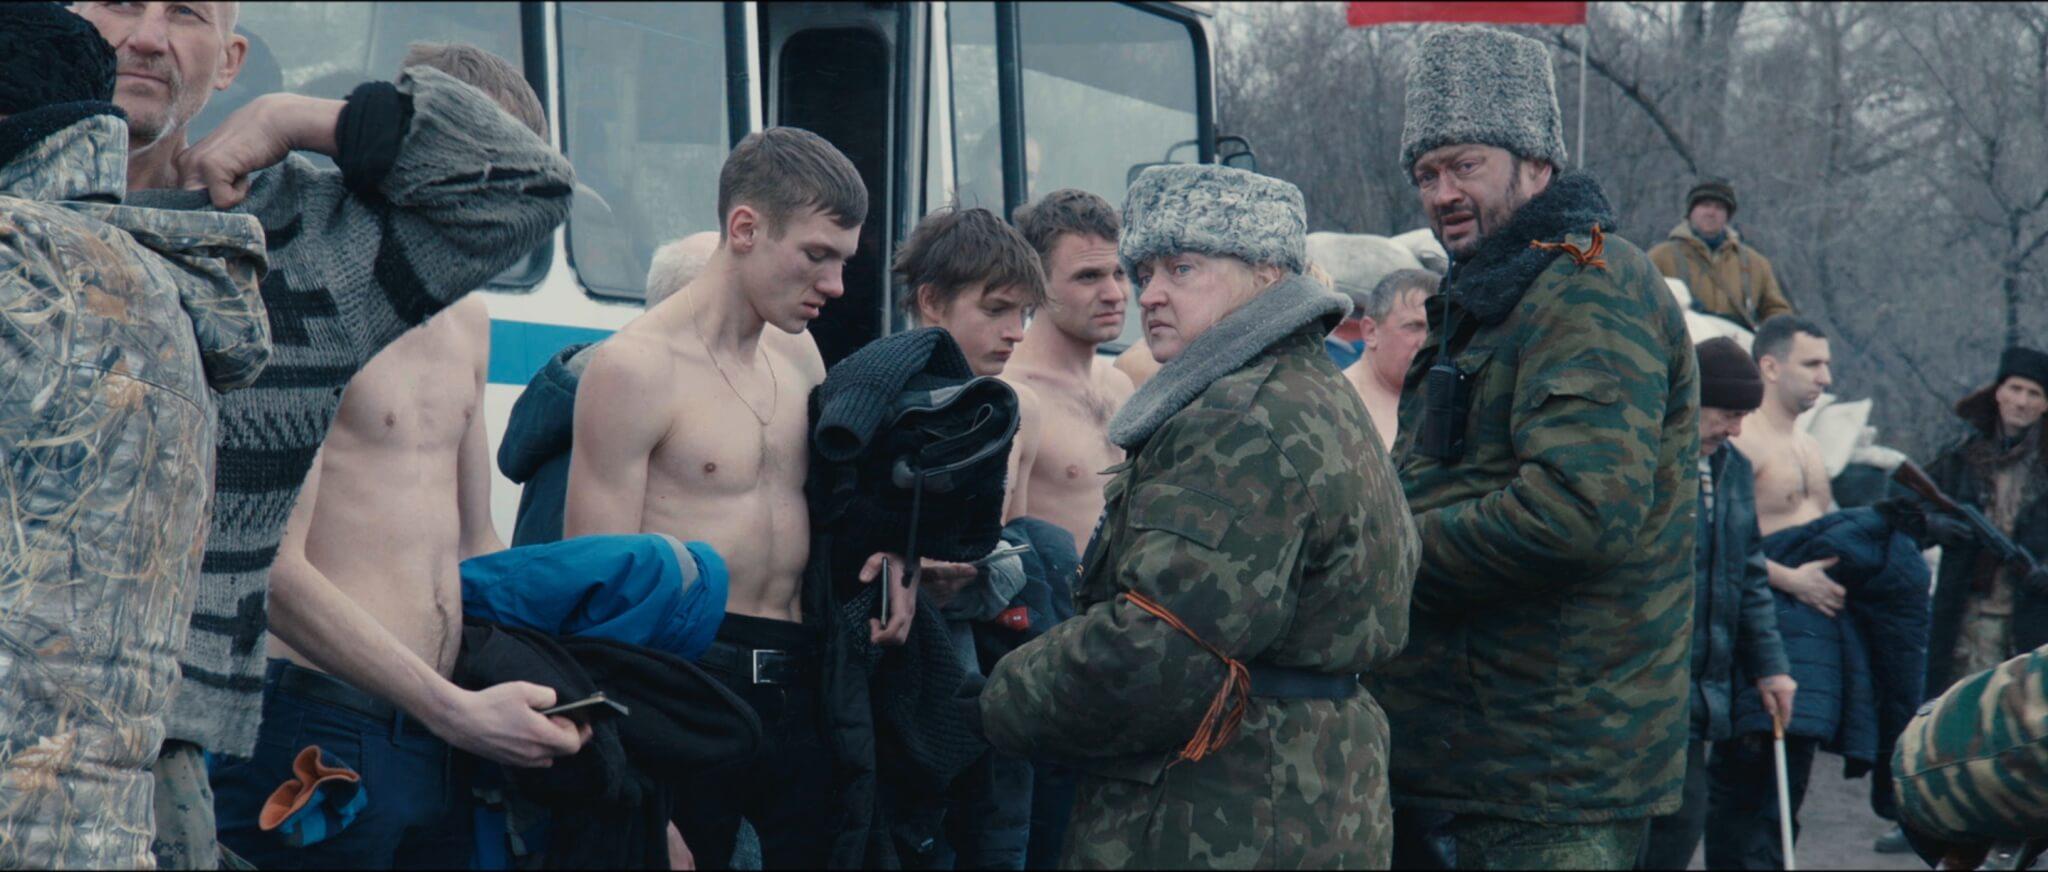 烏克蘭導演沙基羅斯尼薩(Sergai Loznitsa)的《瘋狂的邊境》(Donbass),以荒誕故事講述近年烏克蘭的政治危機,於2018年獲康城「一種關注」最佳導演獎。